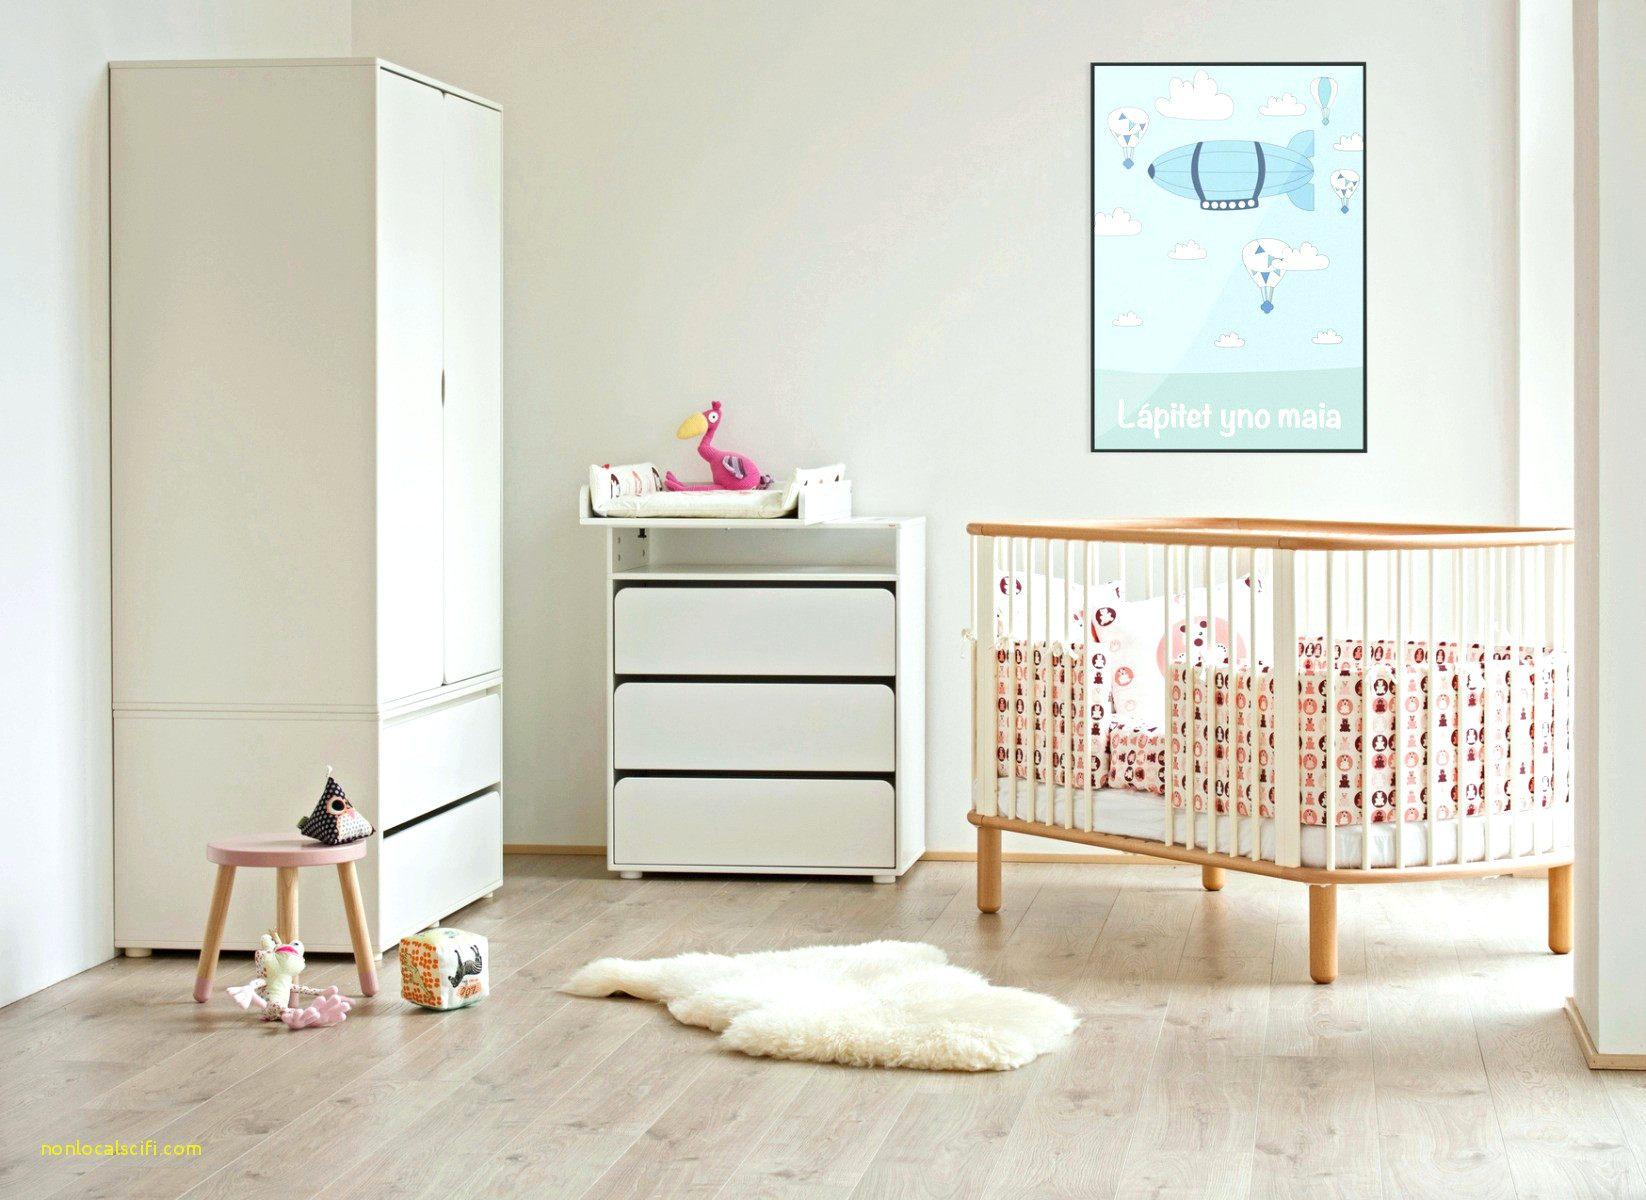 Lit Chambre Enfant Magnifique Tete De Lit Pour Lit Simple Beau S Adorable Banquette Chambre